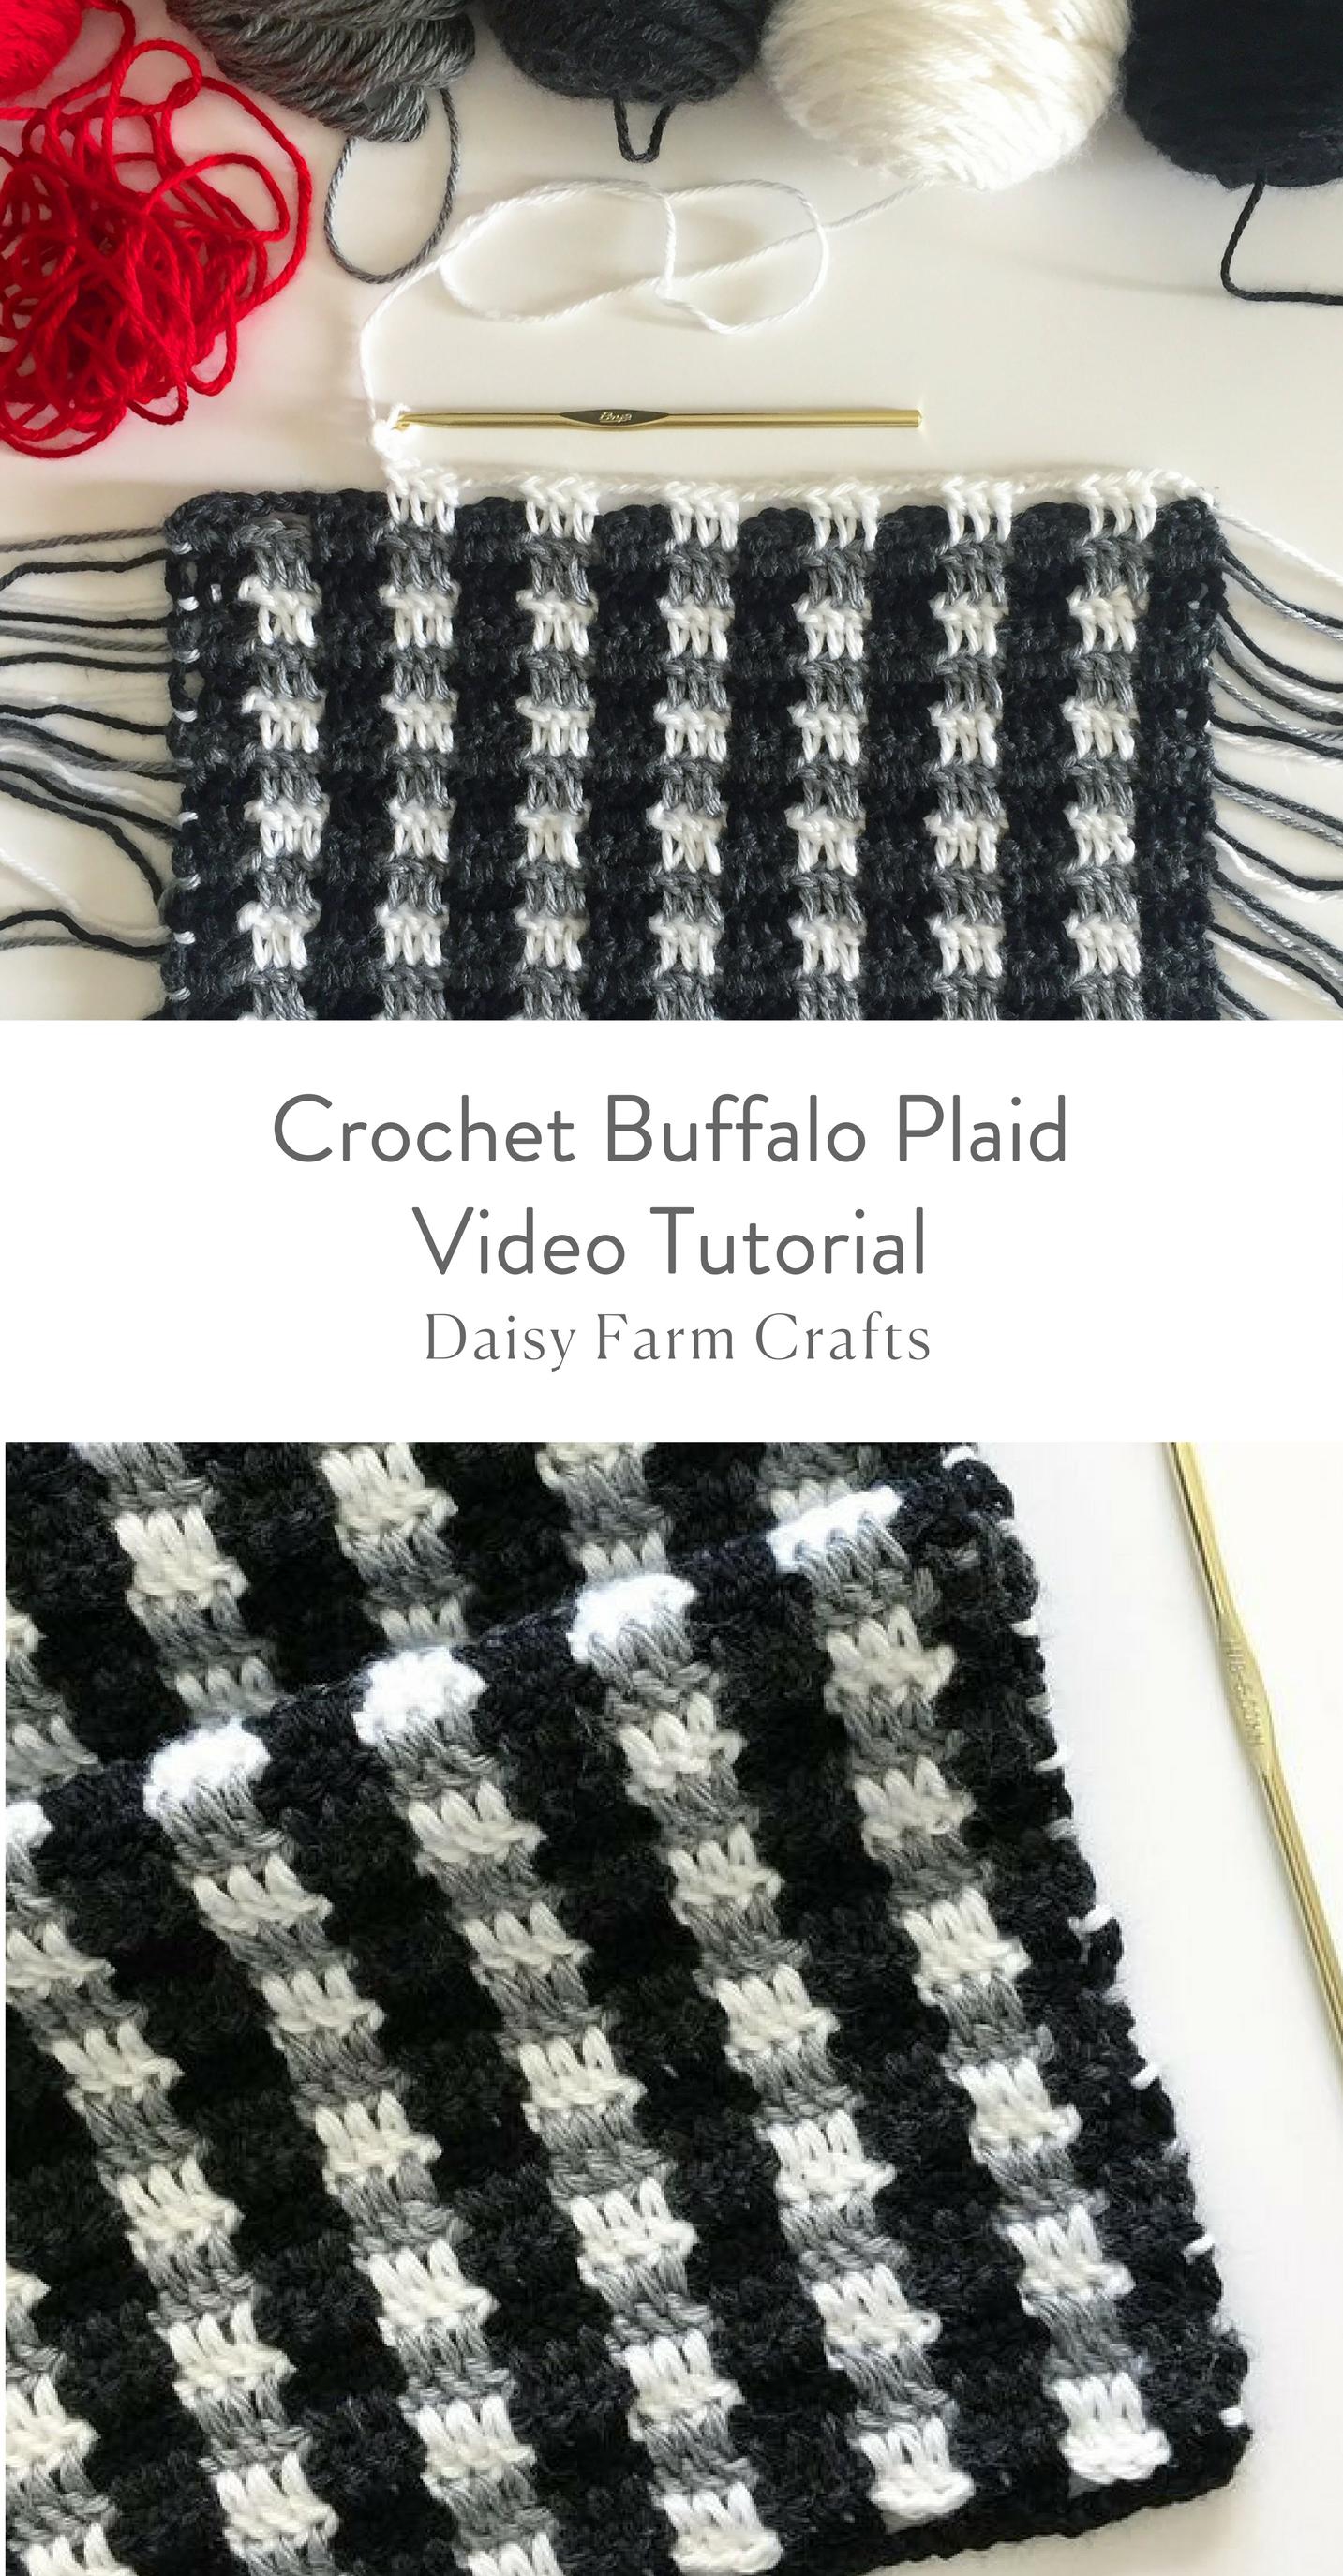 Crochet Buffalo Plaid Video Tutorial Häkeln Pinterest Häkeln